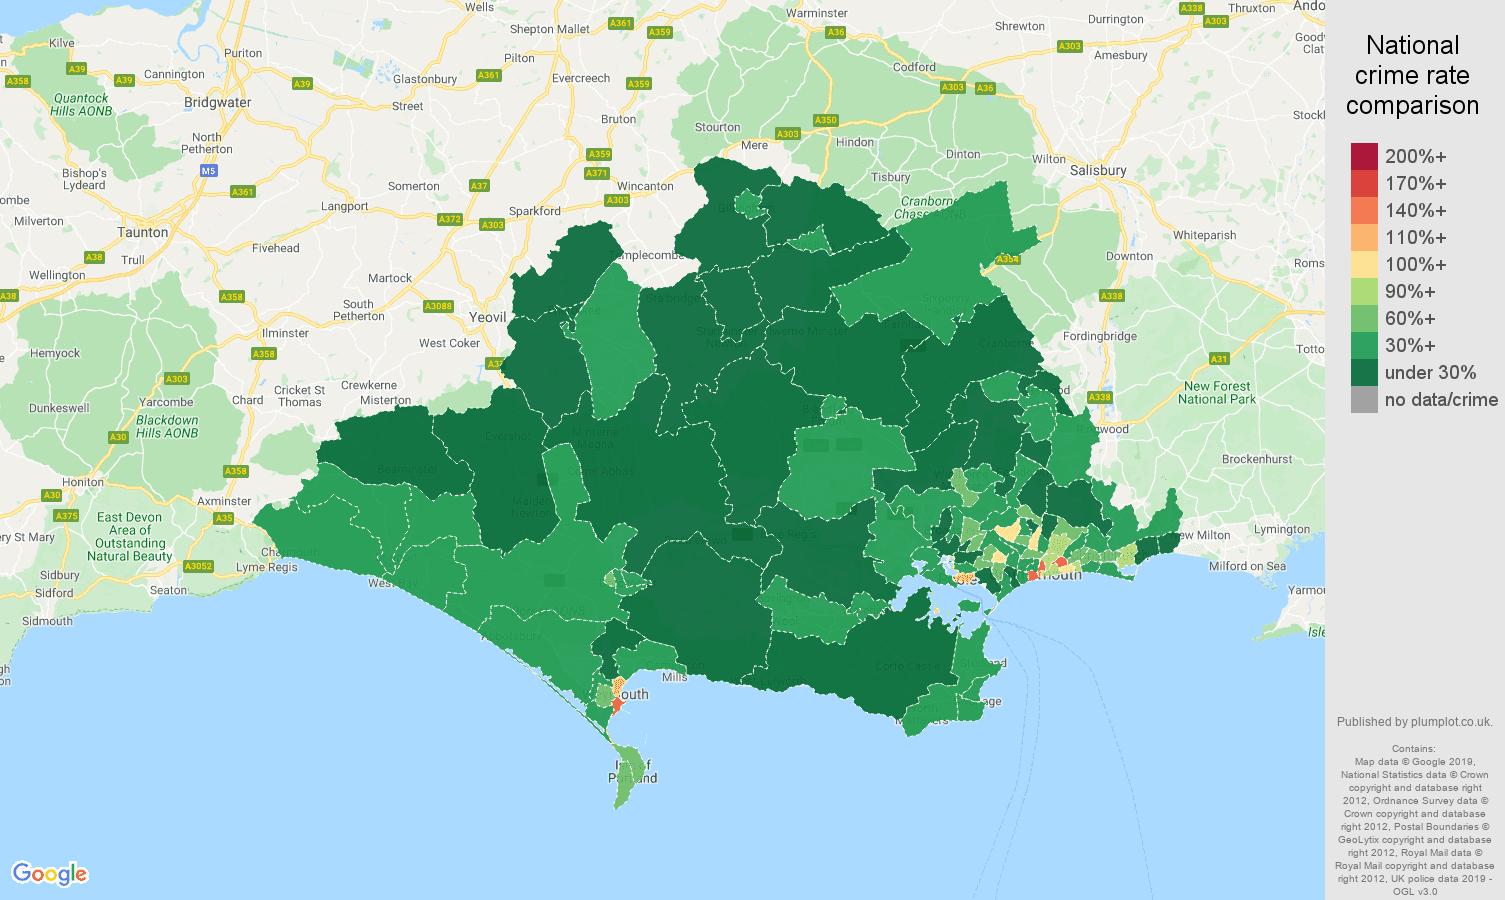 Dorset public order crime rate comparison map